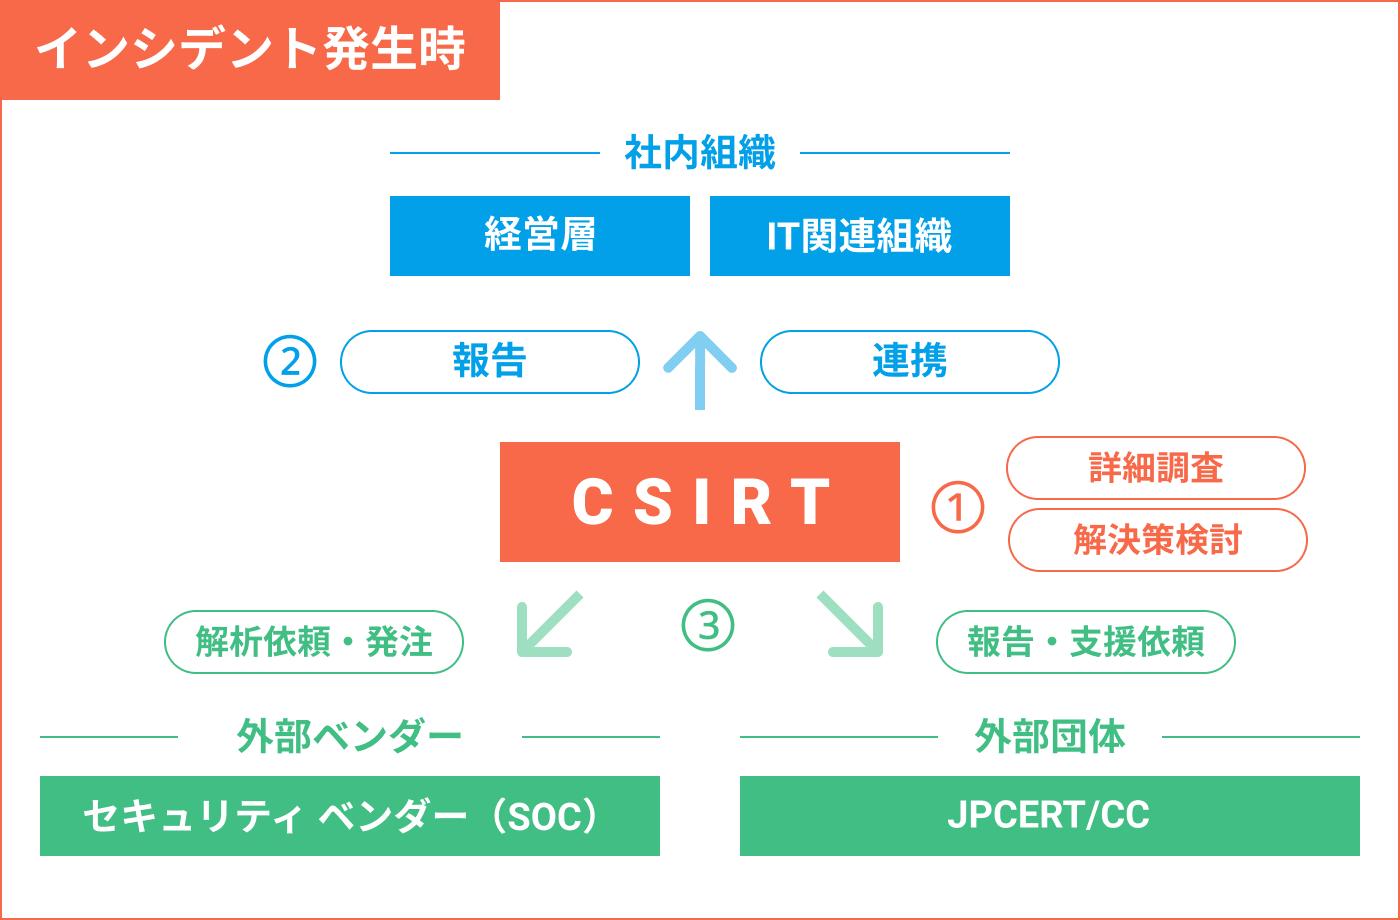 sec_topics_csirt_2.png